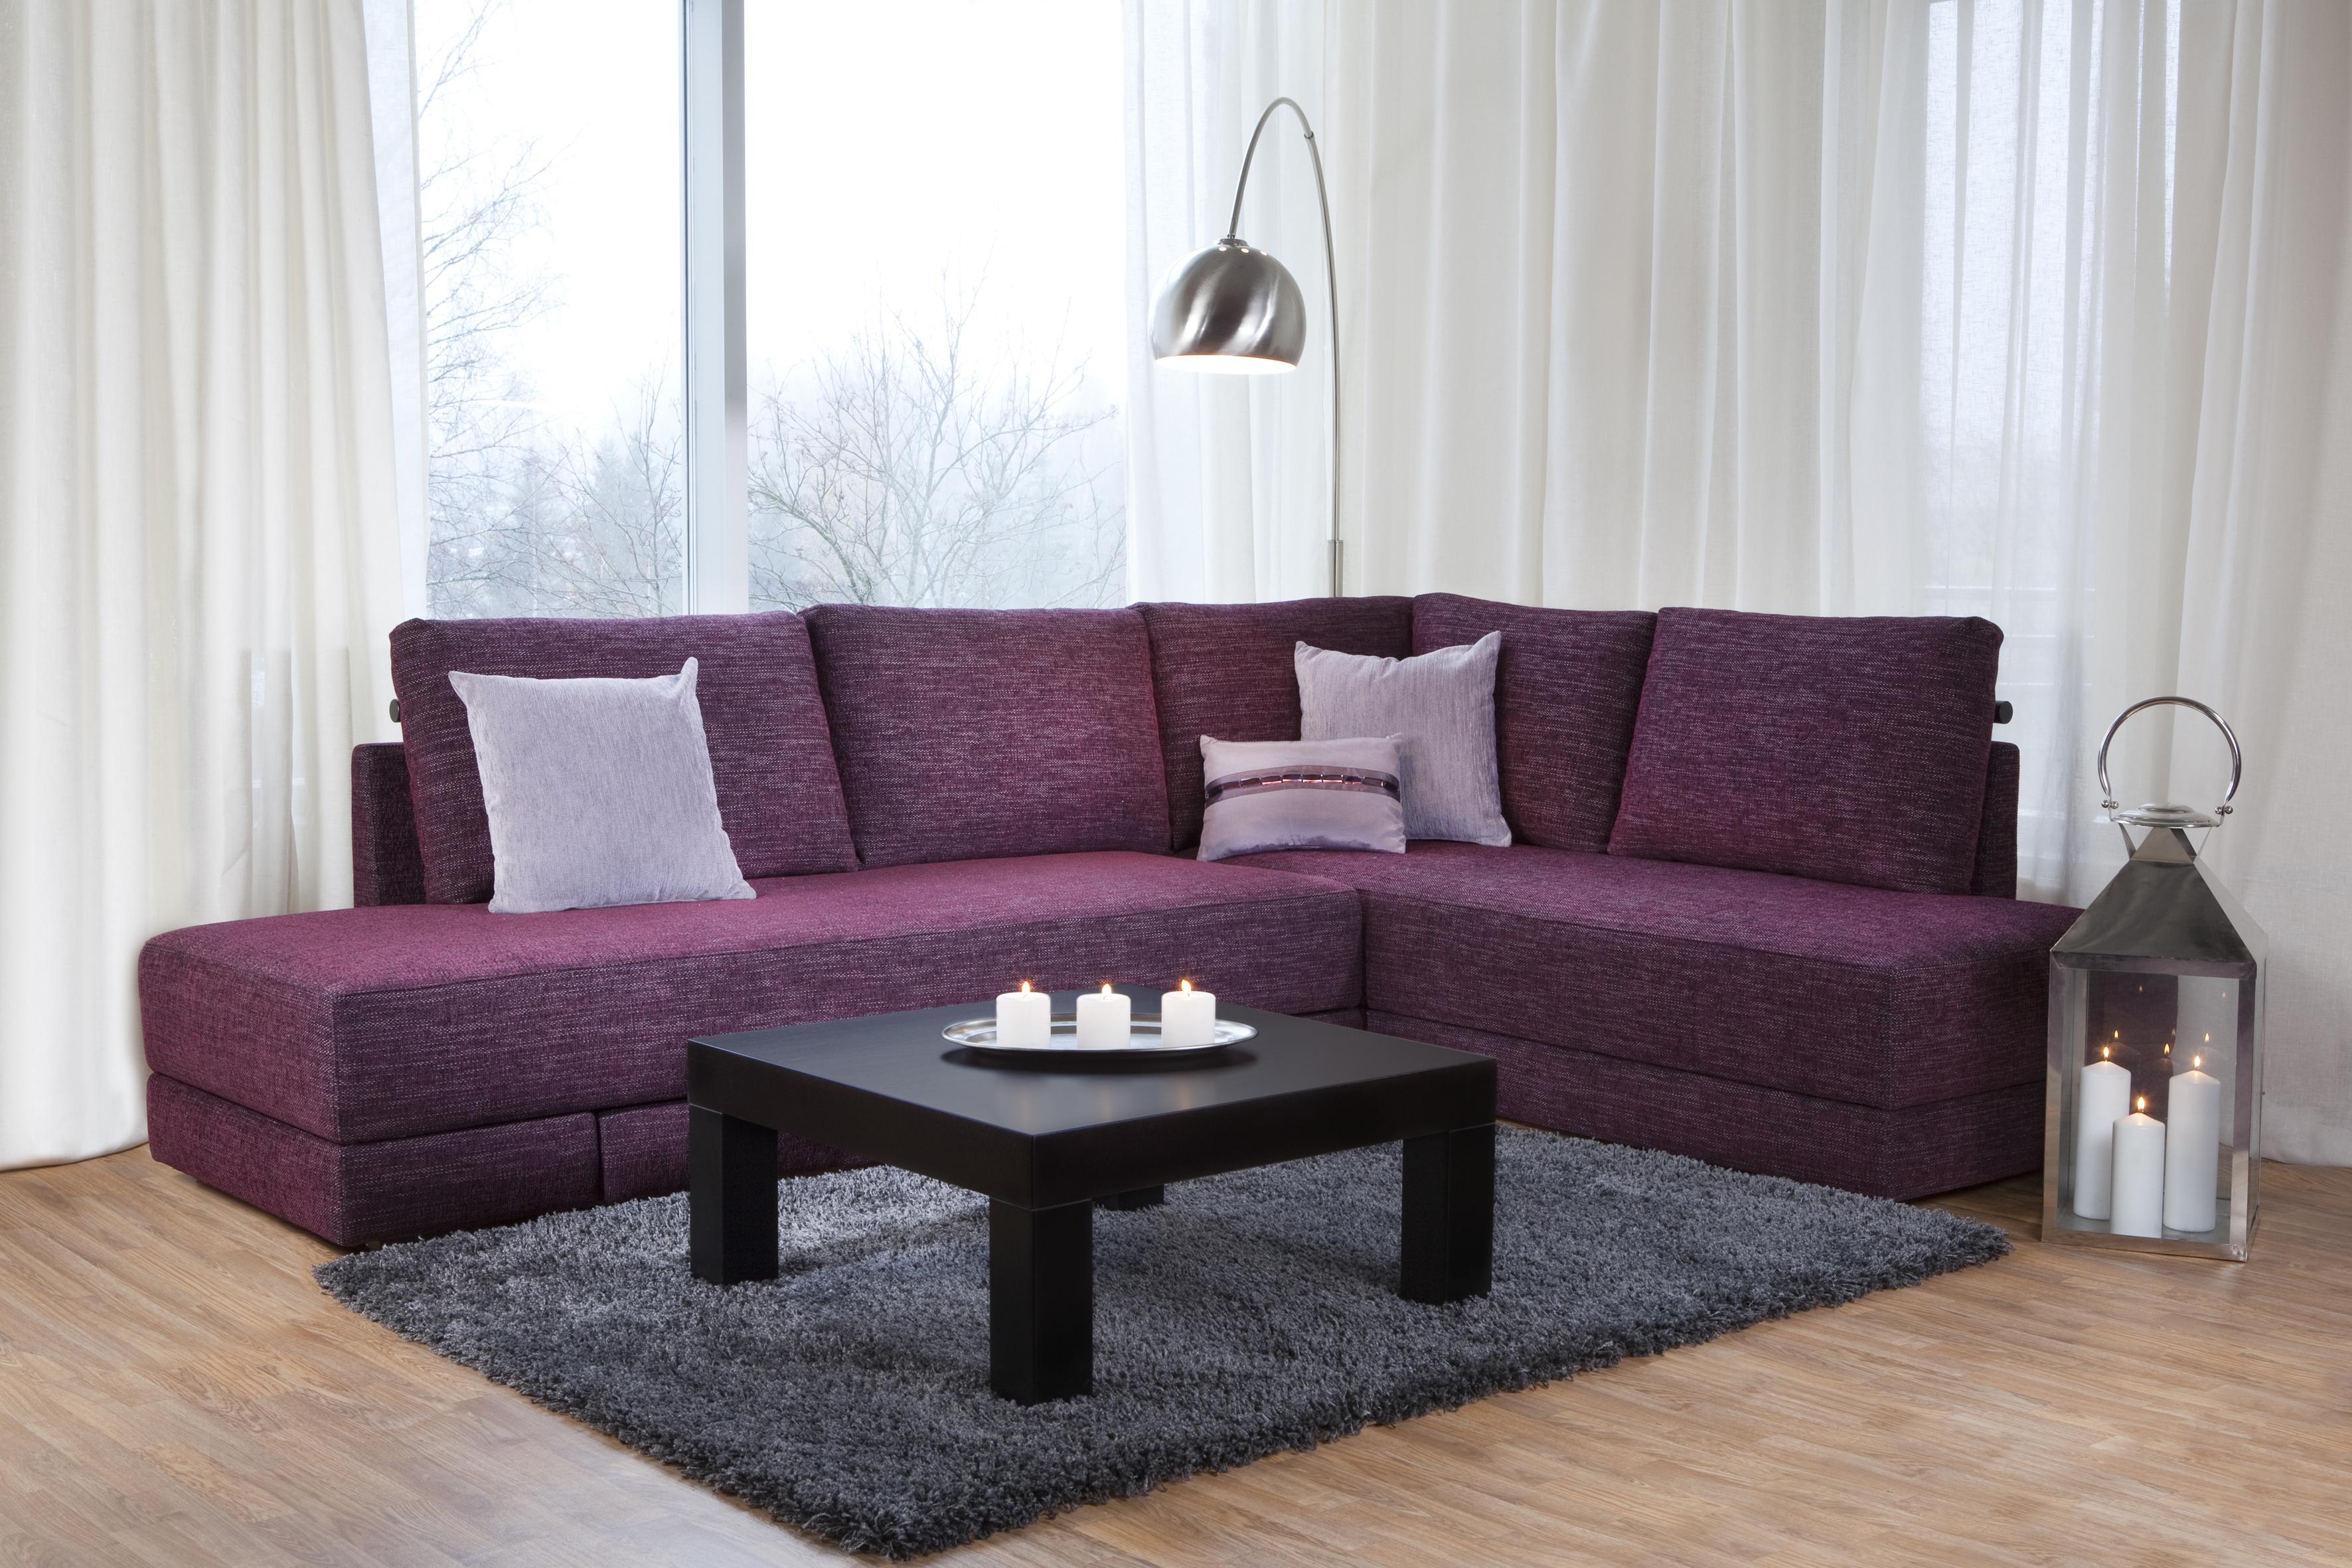 Тканевый диван фиолетового цвета